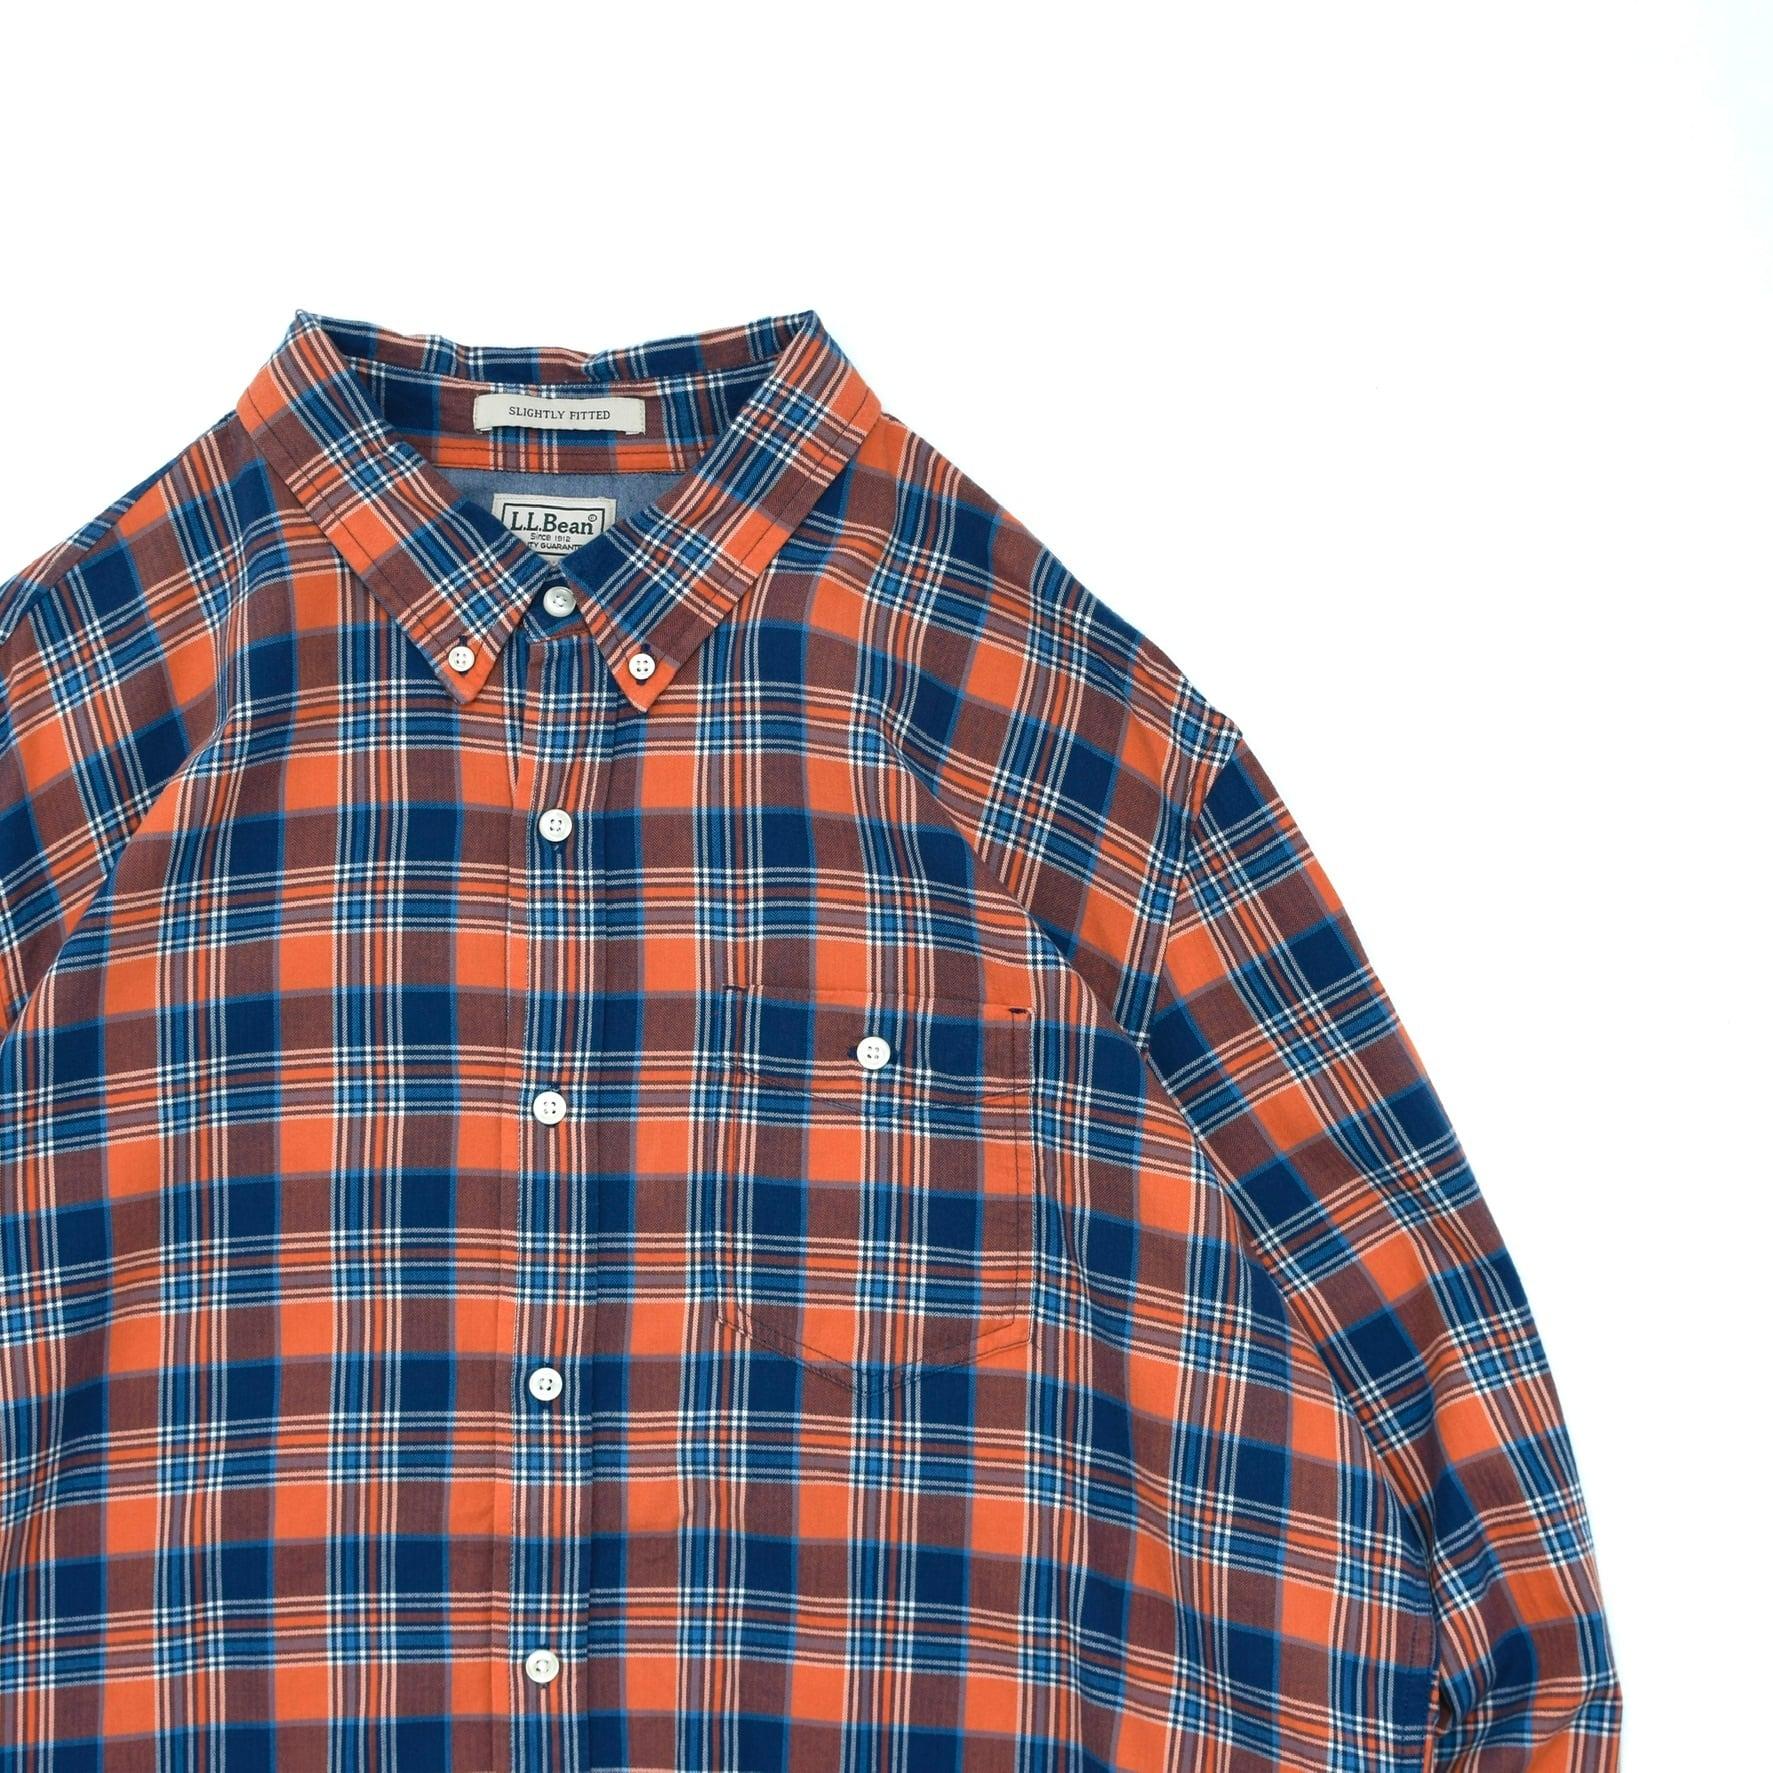 L.L.Bean button down  cotton check shirt